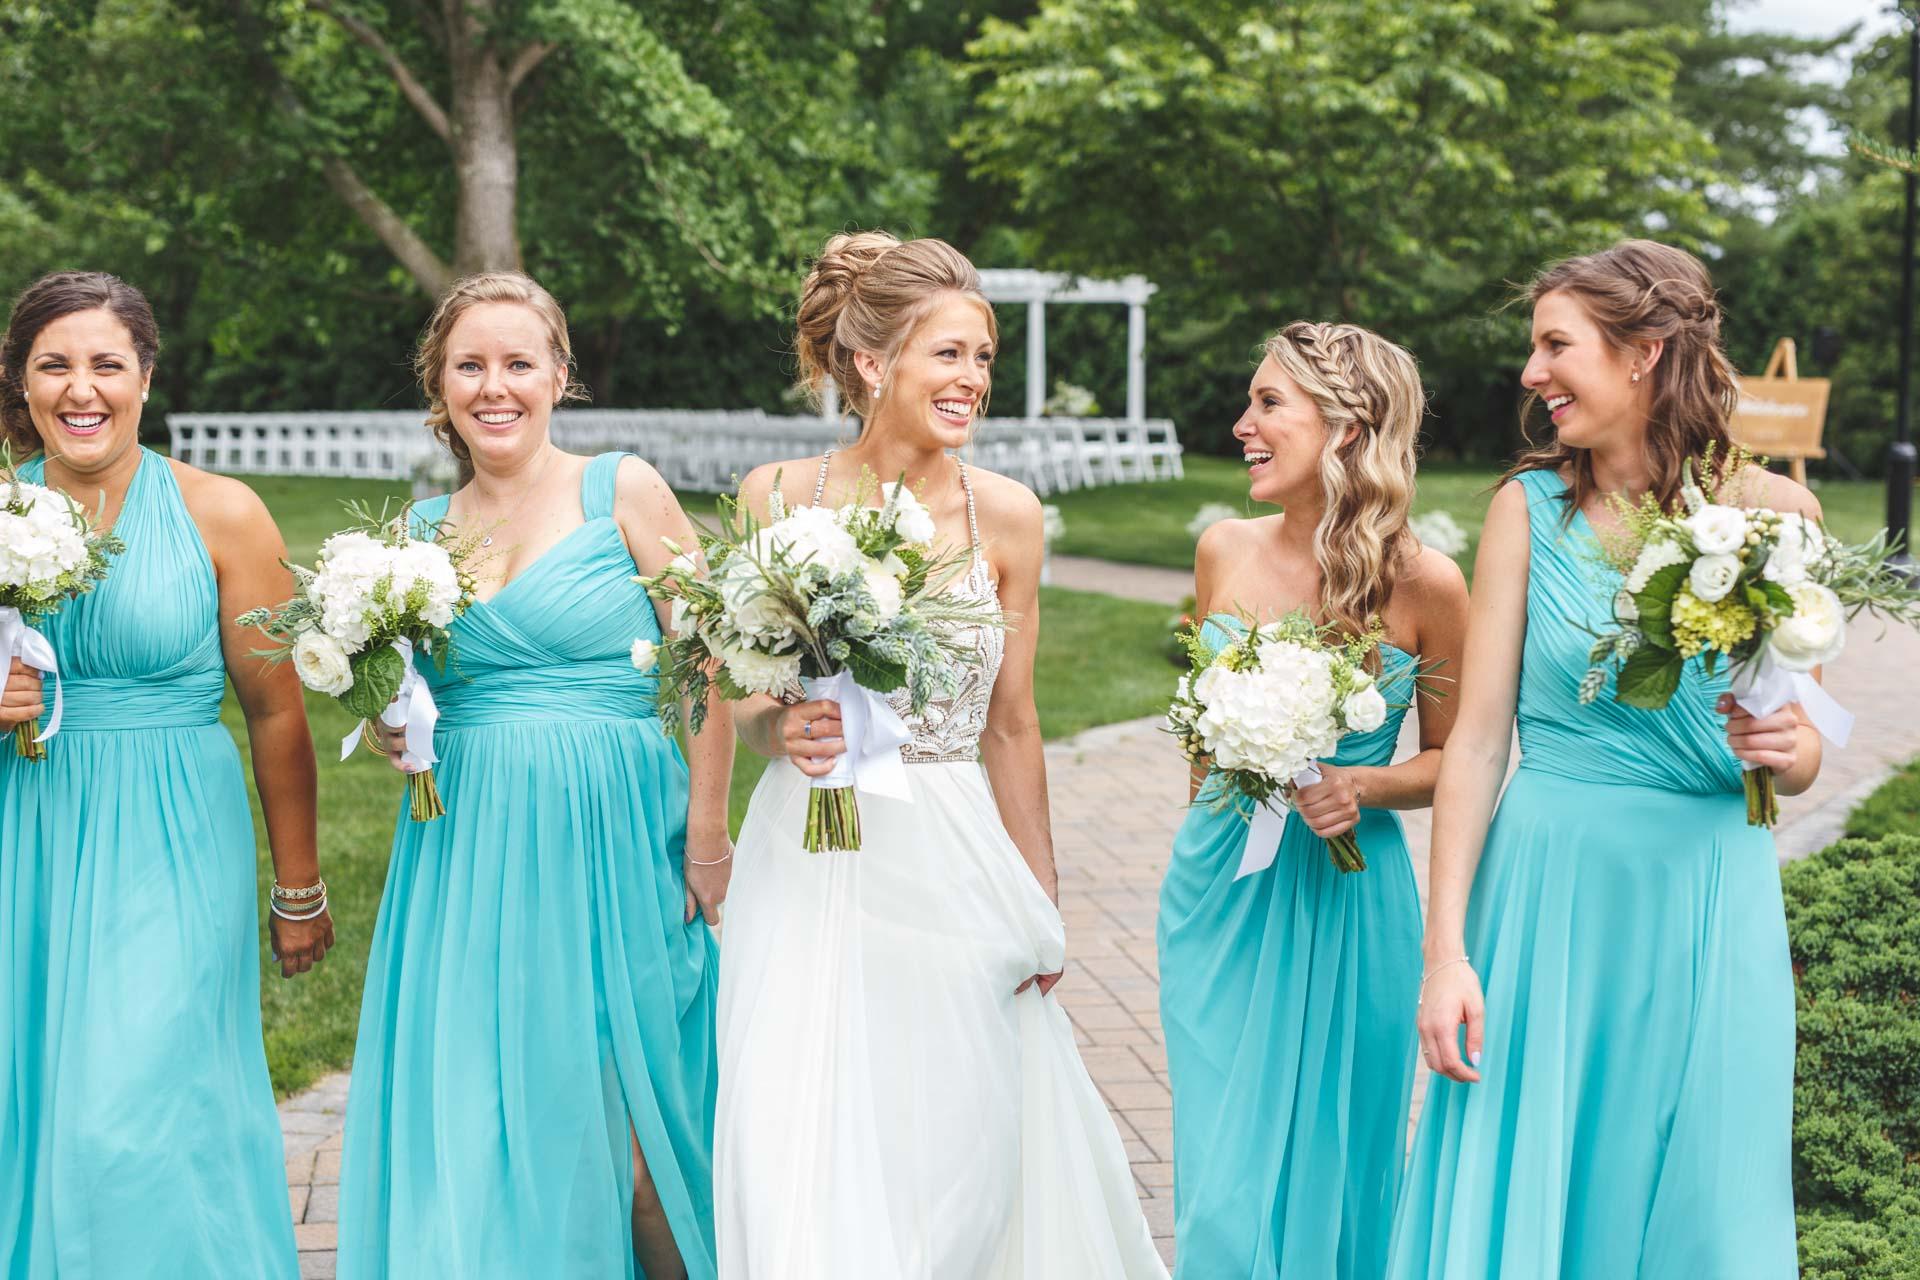 Farmington-Gardens-Wedding-Photos (23 of 66).jpg